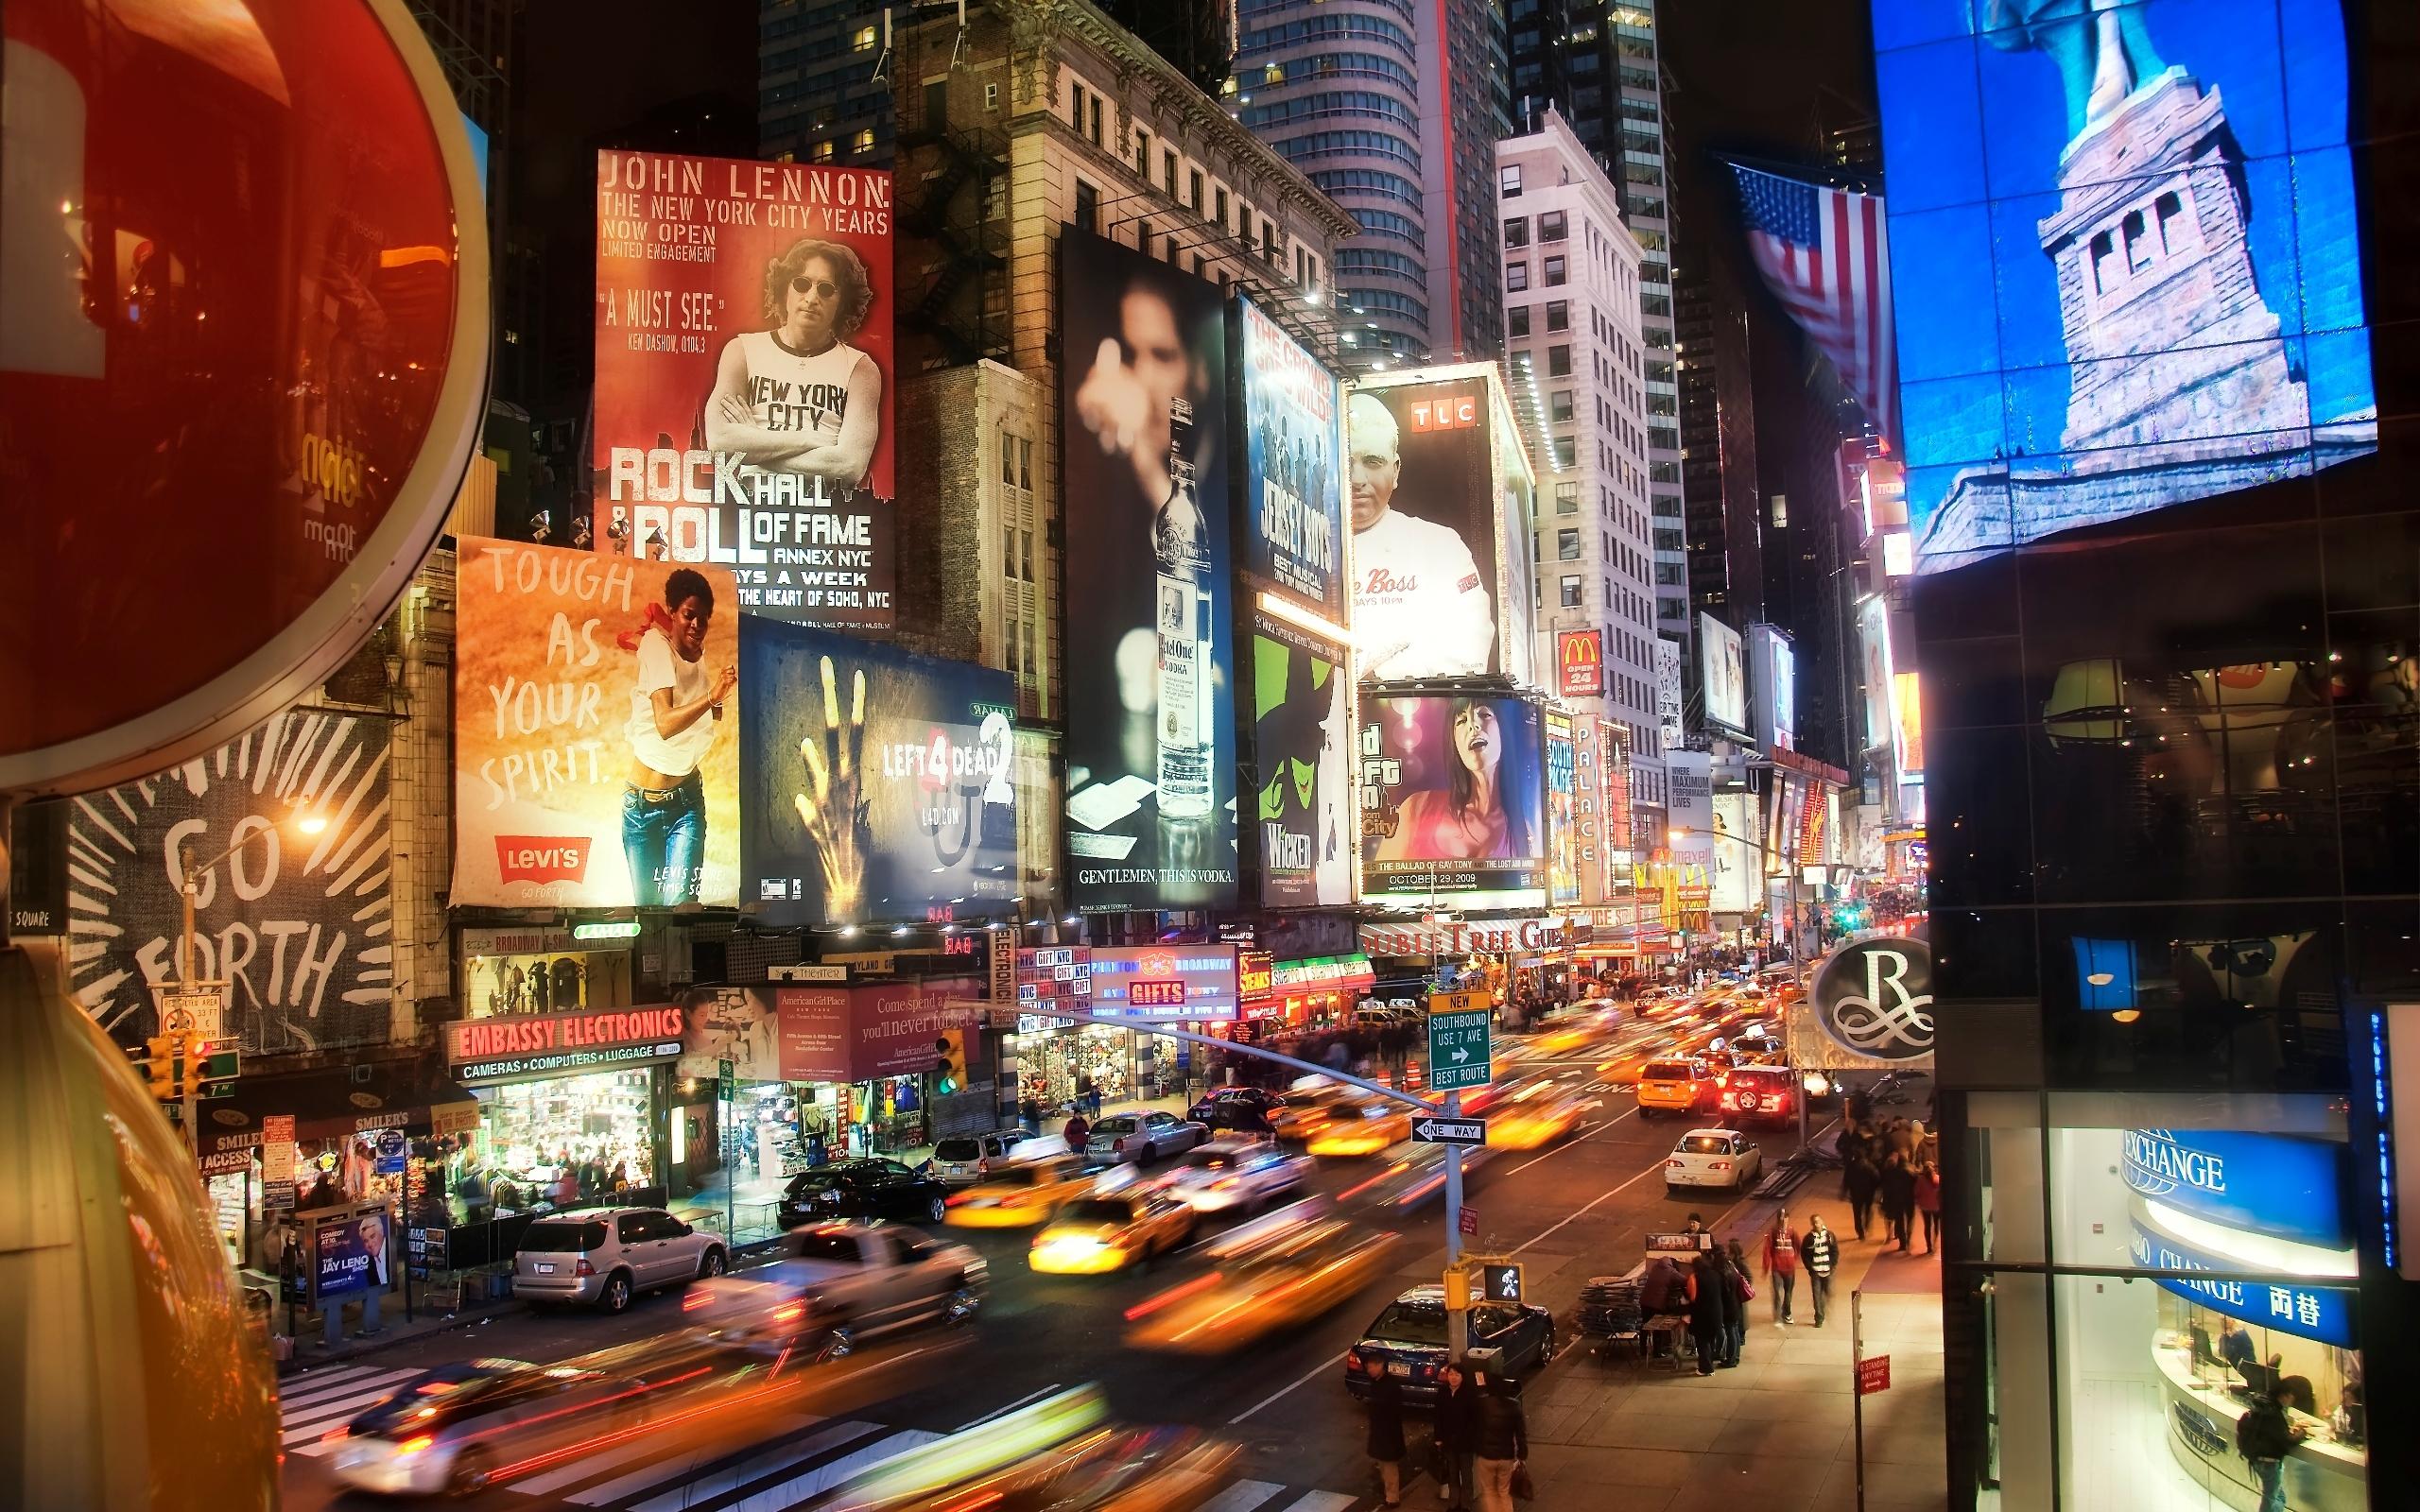 《华丽志》纽约行-美国华人时尚创业分享会 Luxe.Co @ NYC ~ Chinese Fashion Entrepreneurs in U.S.